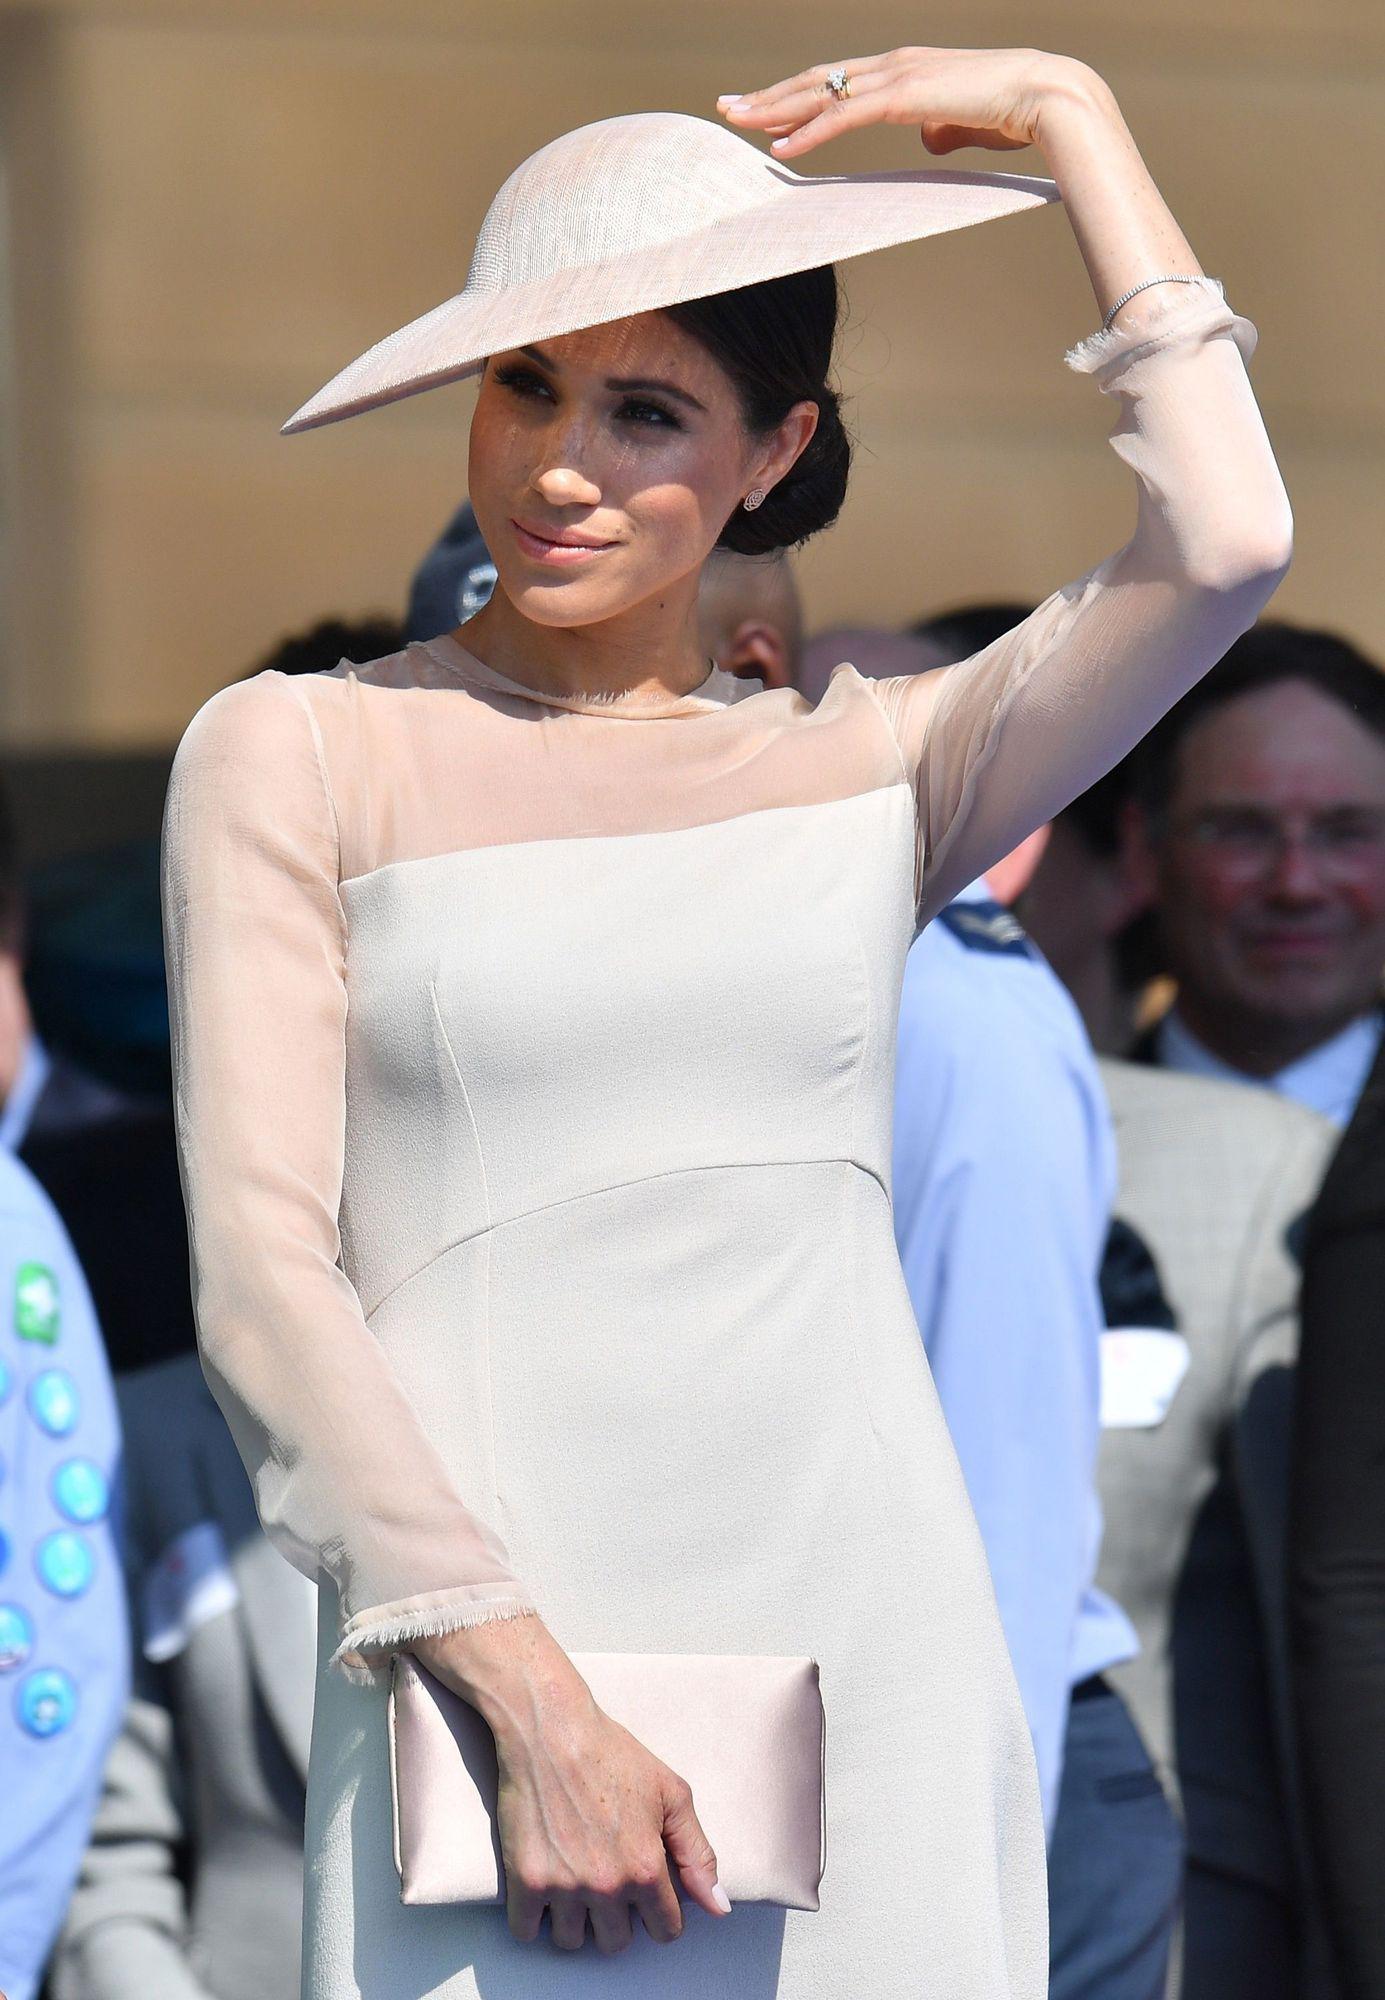 S-a aflat! Acesta e motivul pentru care Meghan Markle se îmbracă doar în nunațe de roz, de când s-a căsătorit cu prințul Harry